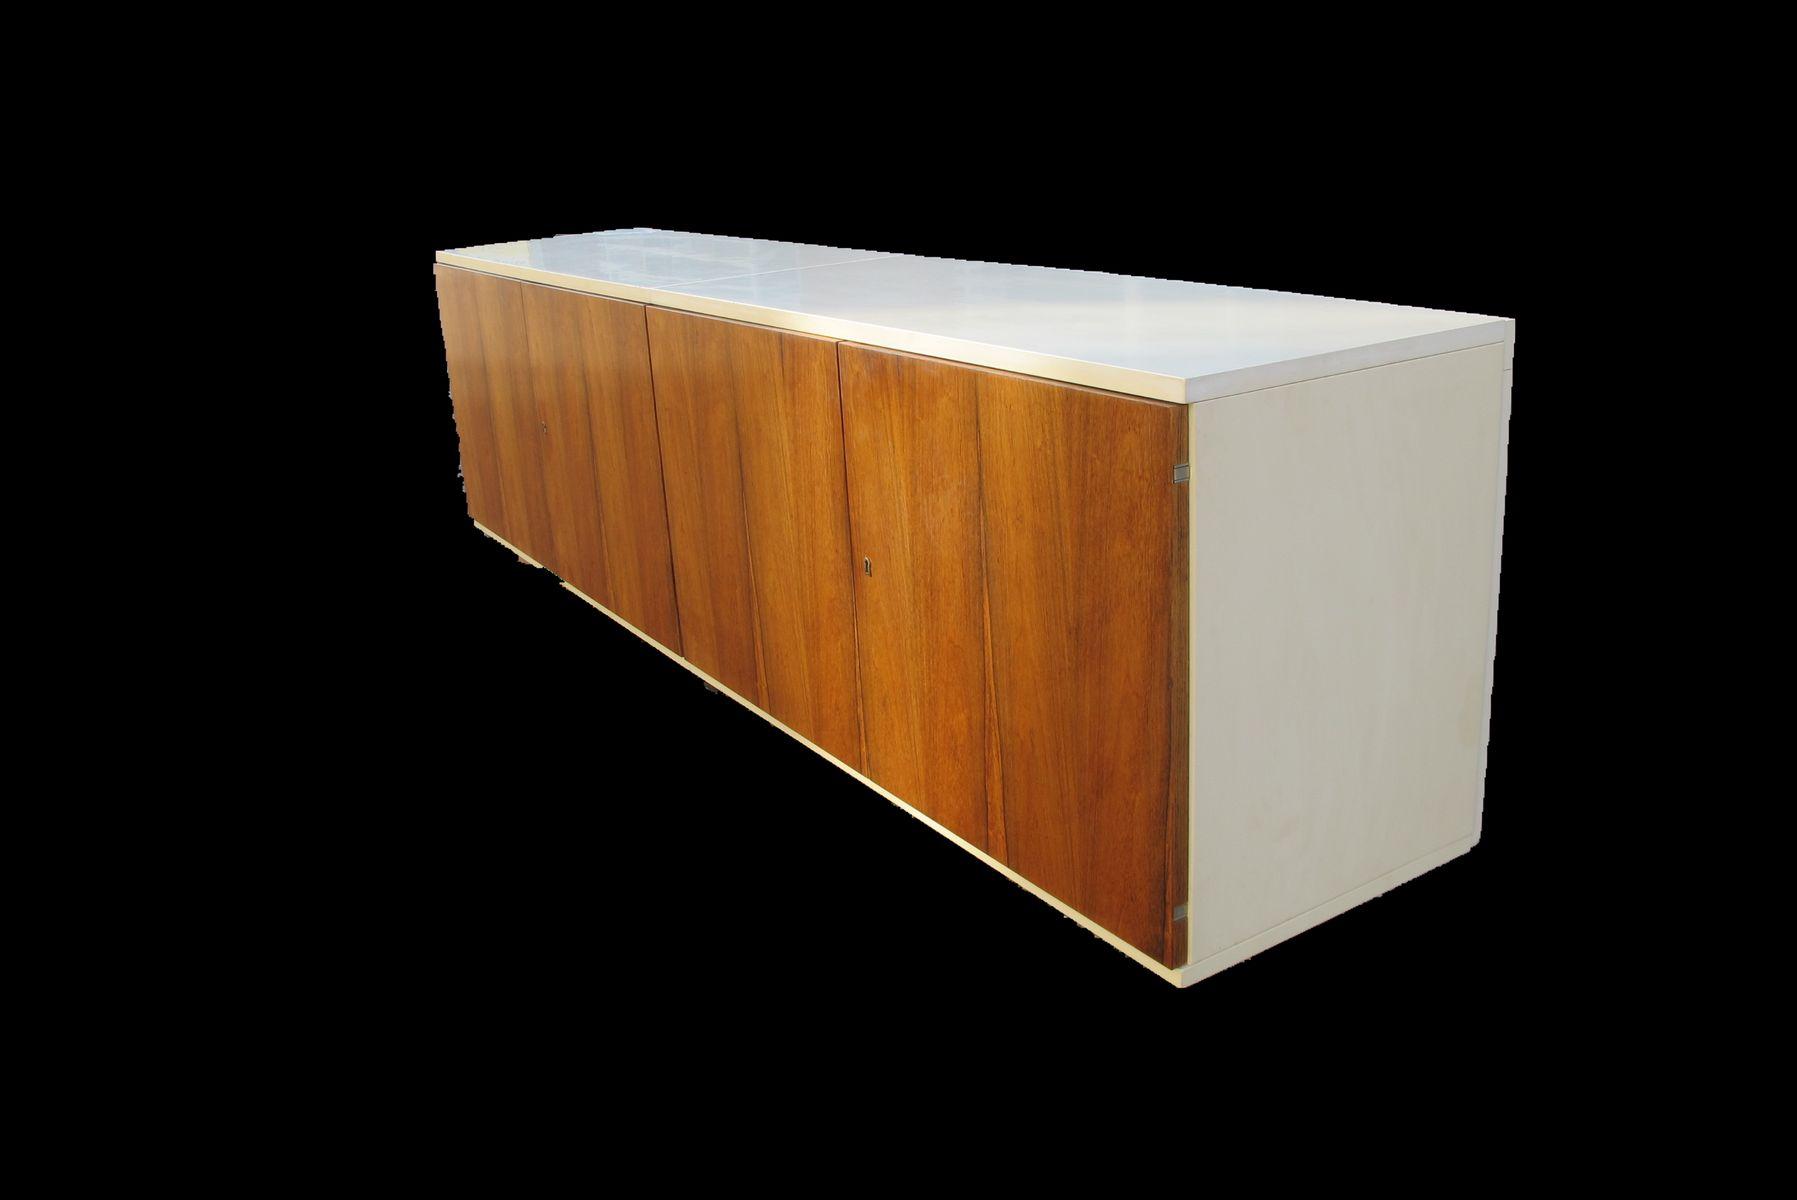 schwebendes palisander sideboard von wk mobel bei pamono kaufen. Black Bedroom Furniture Sets. Home Design Ideas